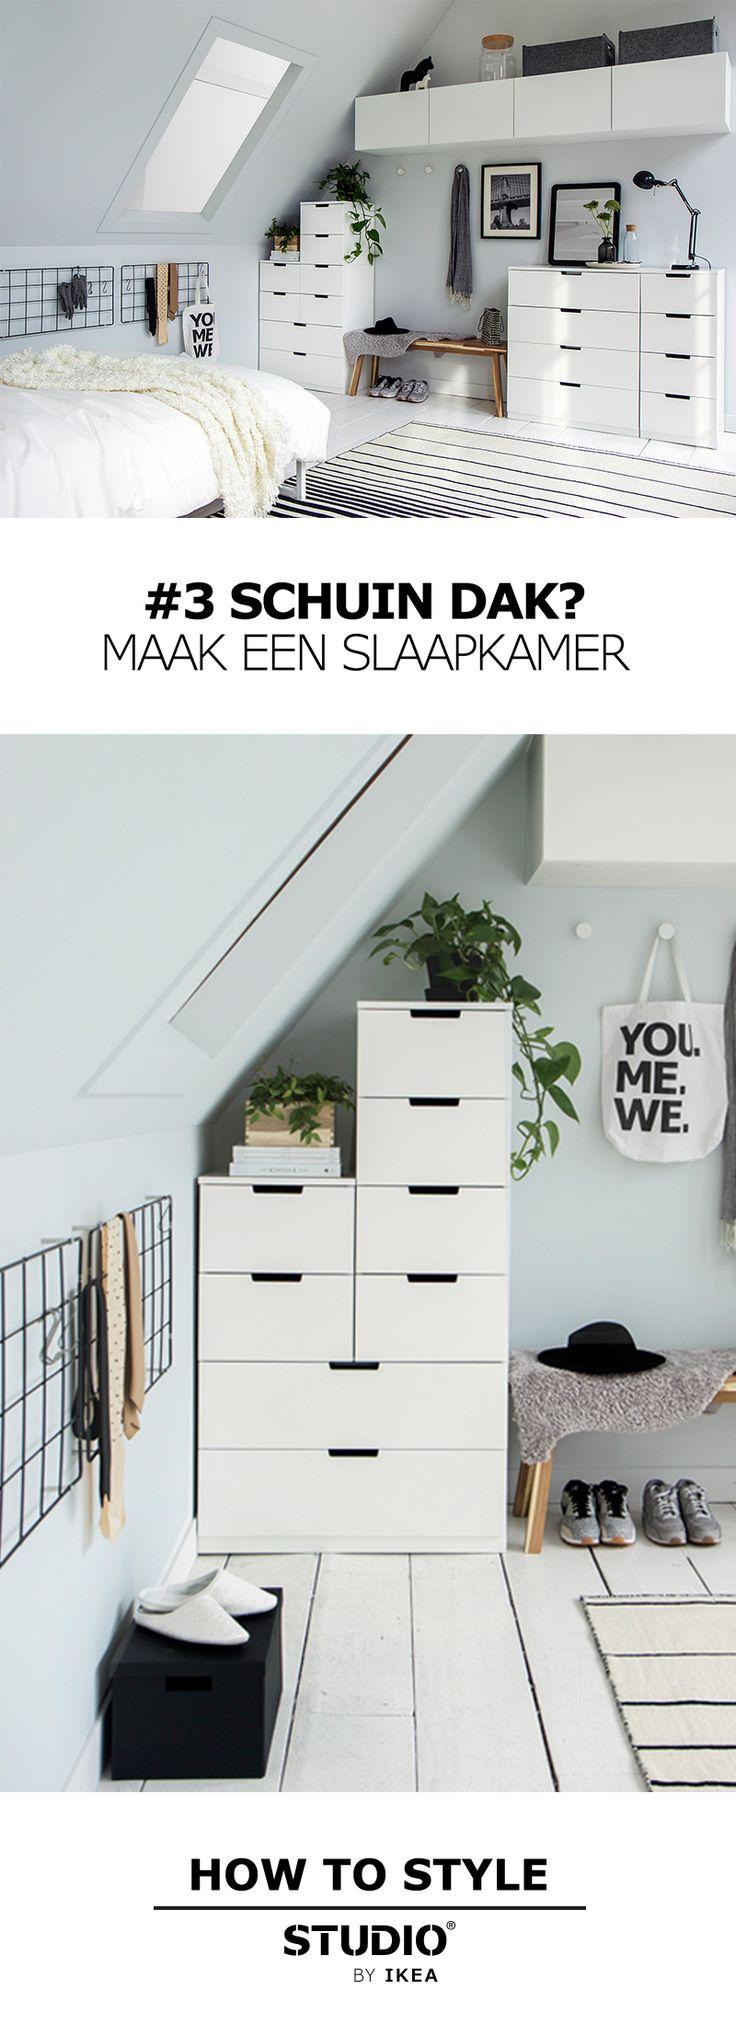 STUDIO by IKEA - Schuin dak? Maak een slaapkamer | #STUDIObyIKEA #HowToStyle #IKEA #IKEAnl #slaapkamer #schuindak #zolder